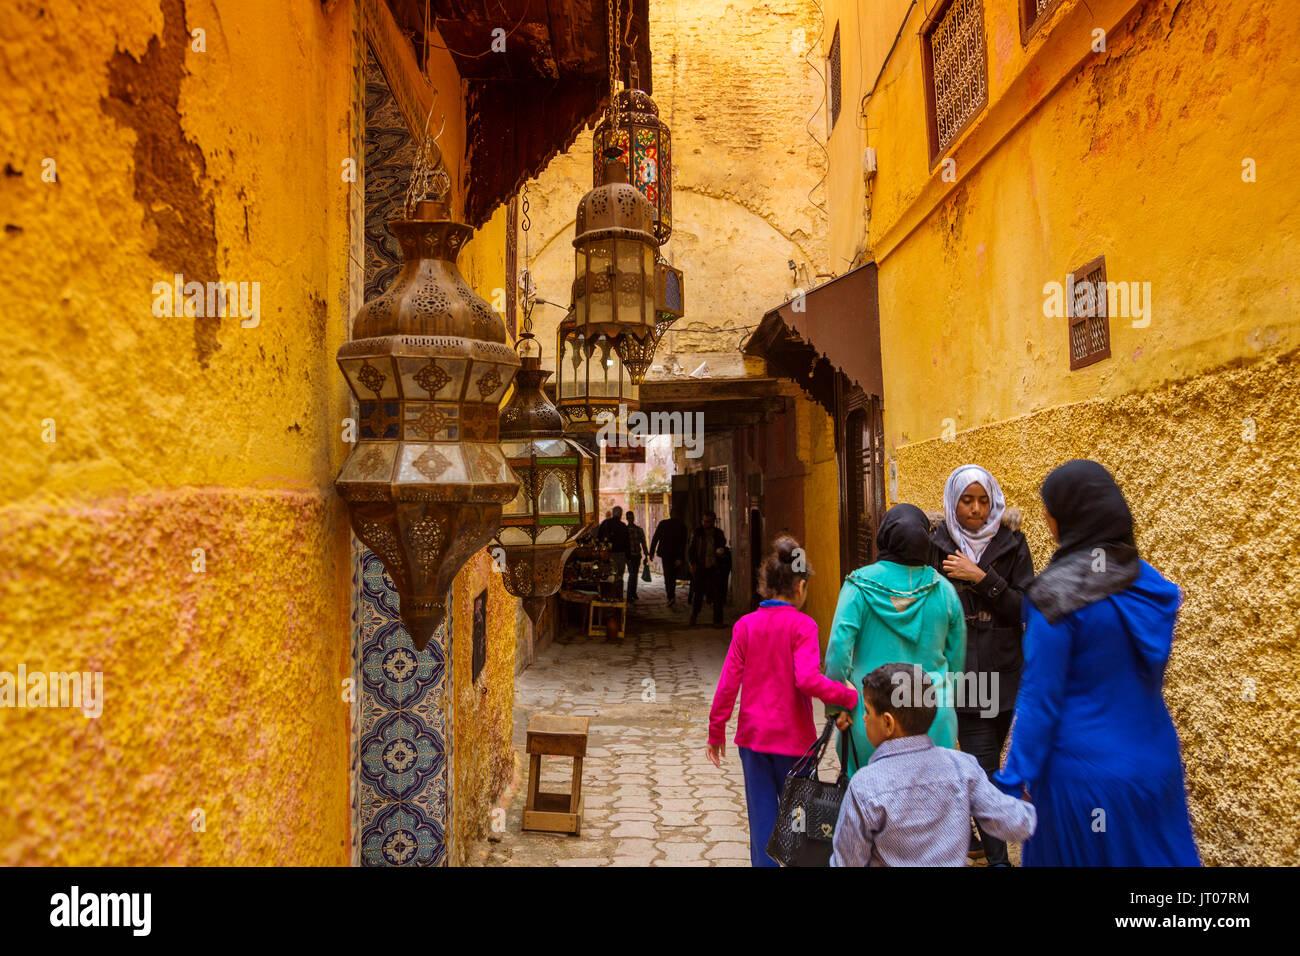 Escenas de la vida de la calle. La ciudad imperial de Meknes, Marruecos, Magreb, África del Norte Imagen De Stock